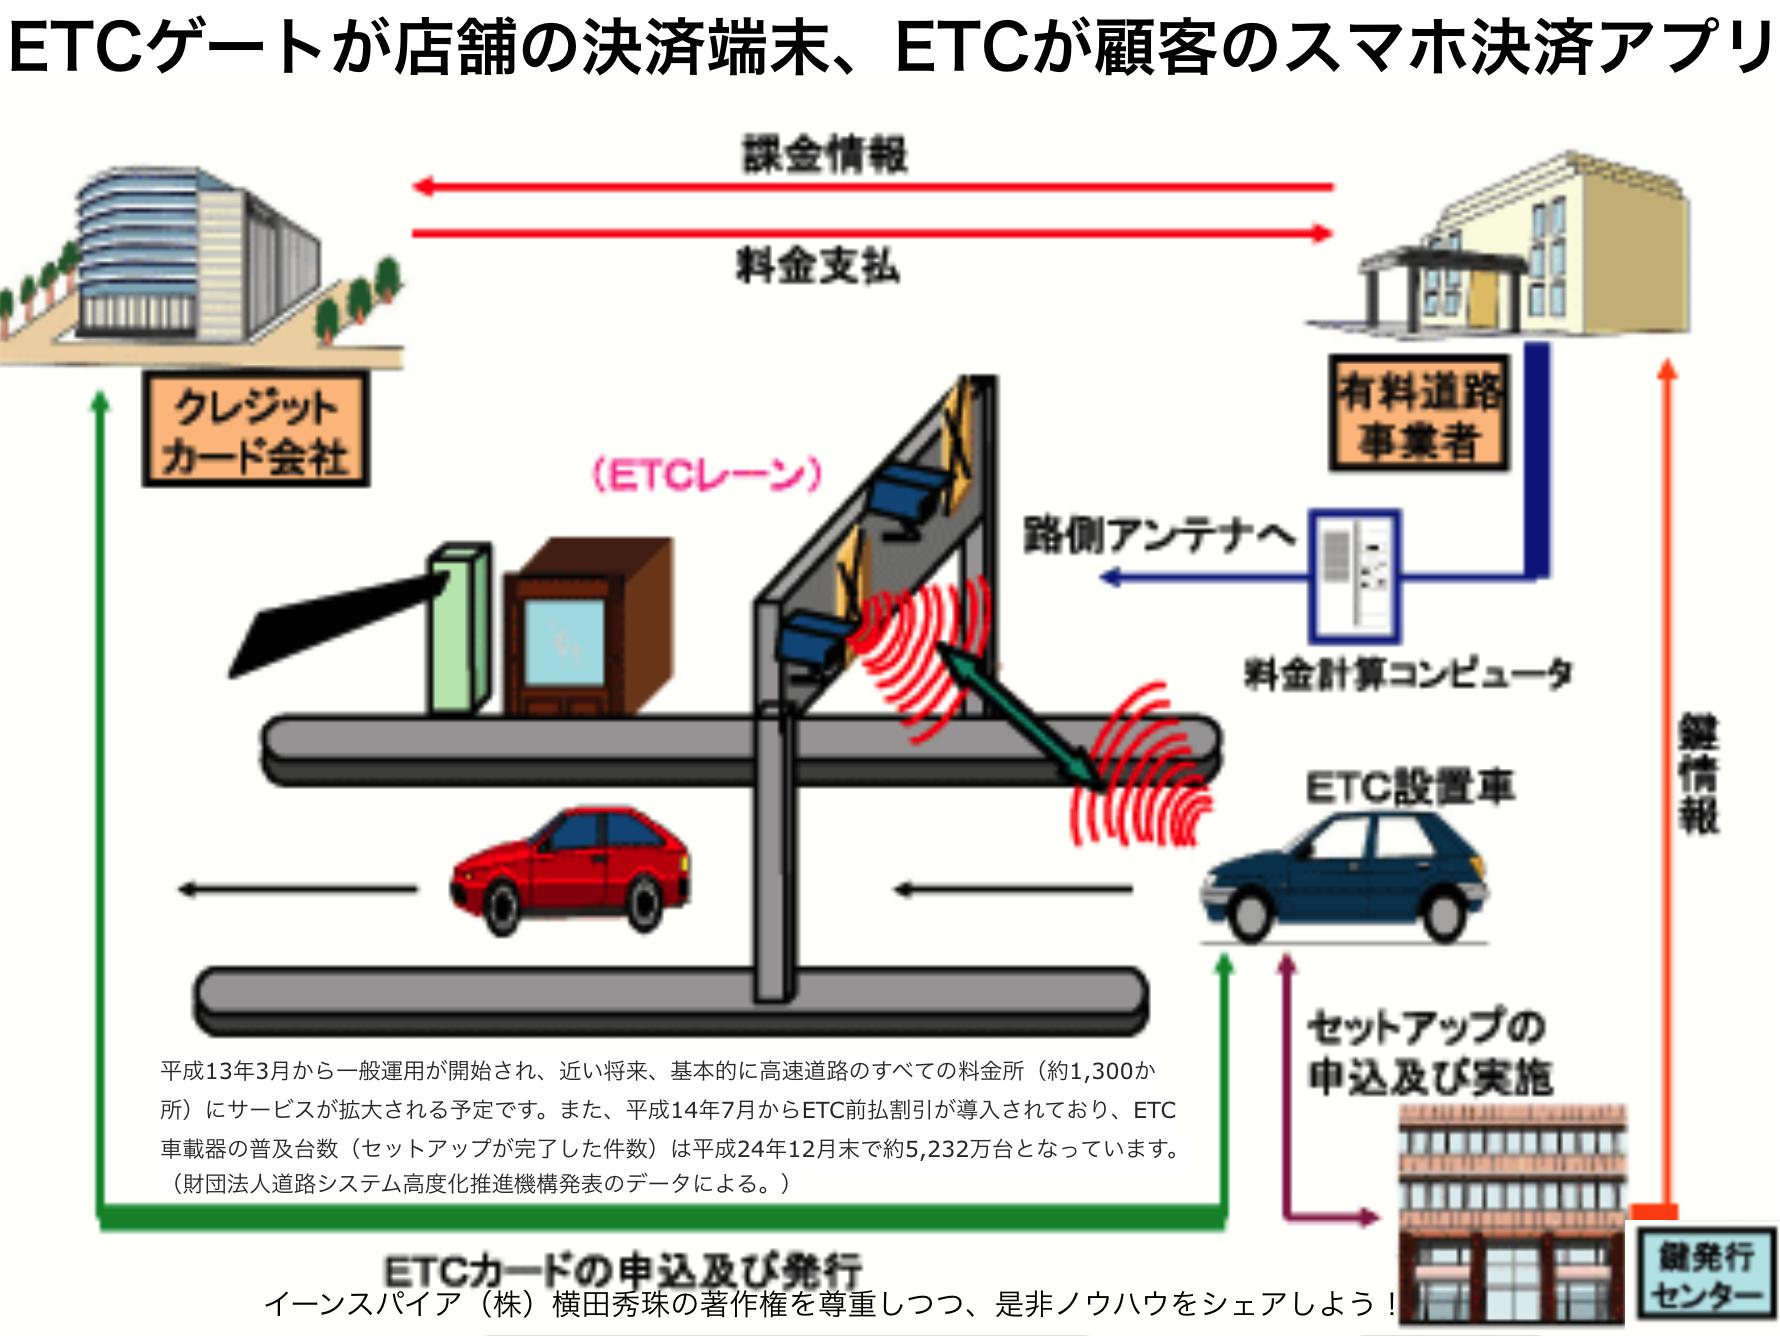 ETCゲート=店舗の決済端末、ETC=顧客のスマホ決済アプリ